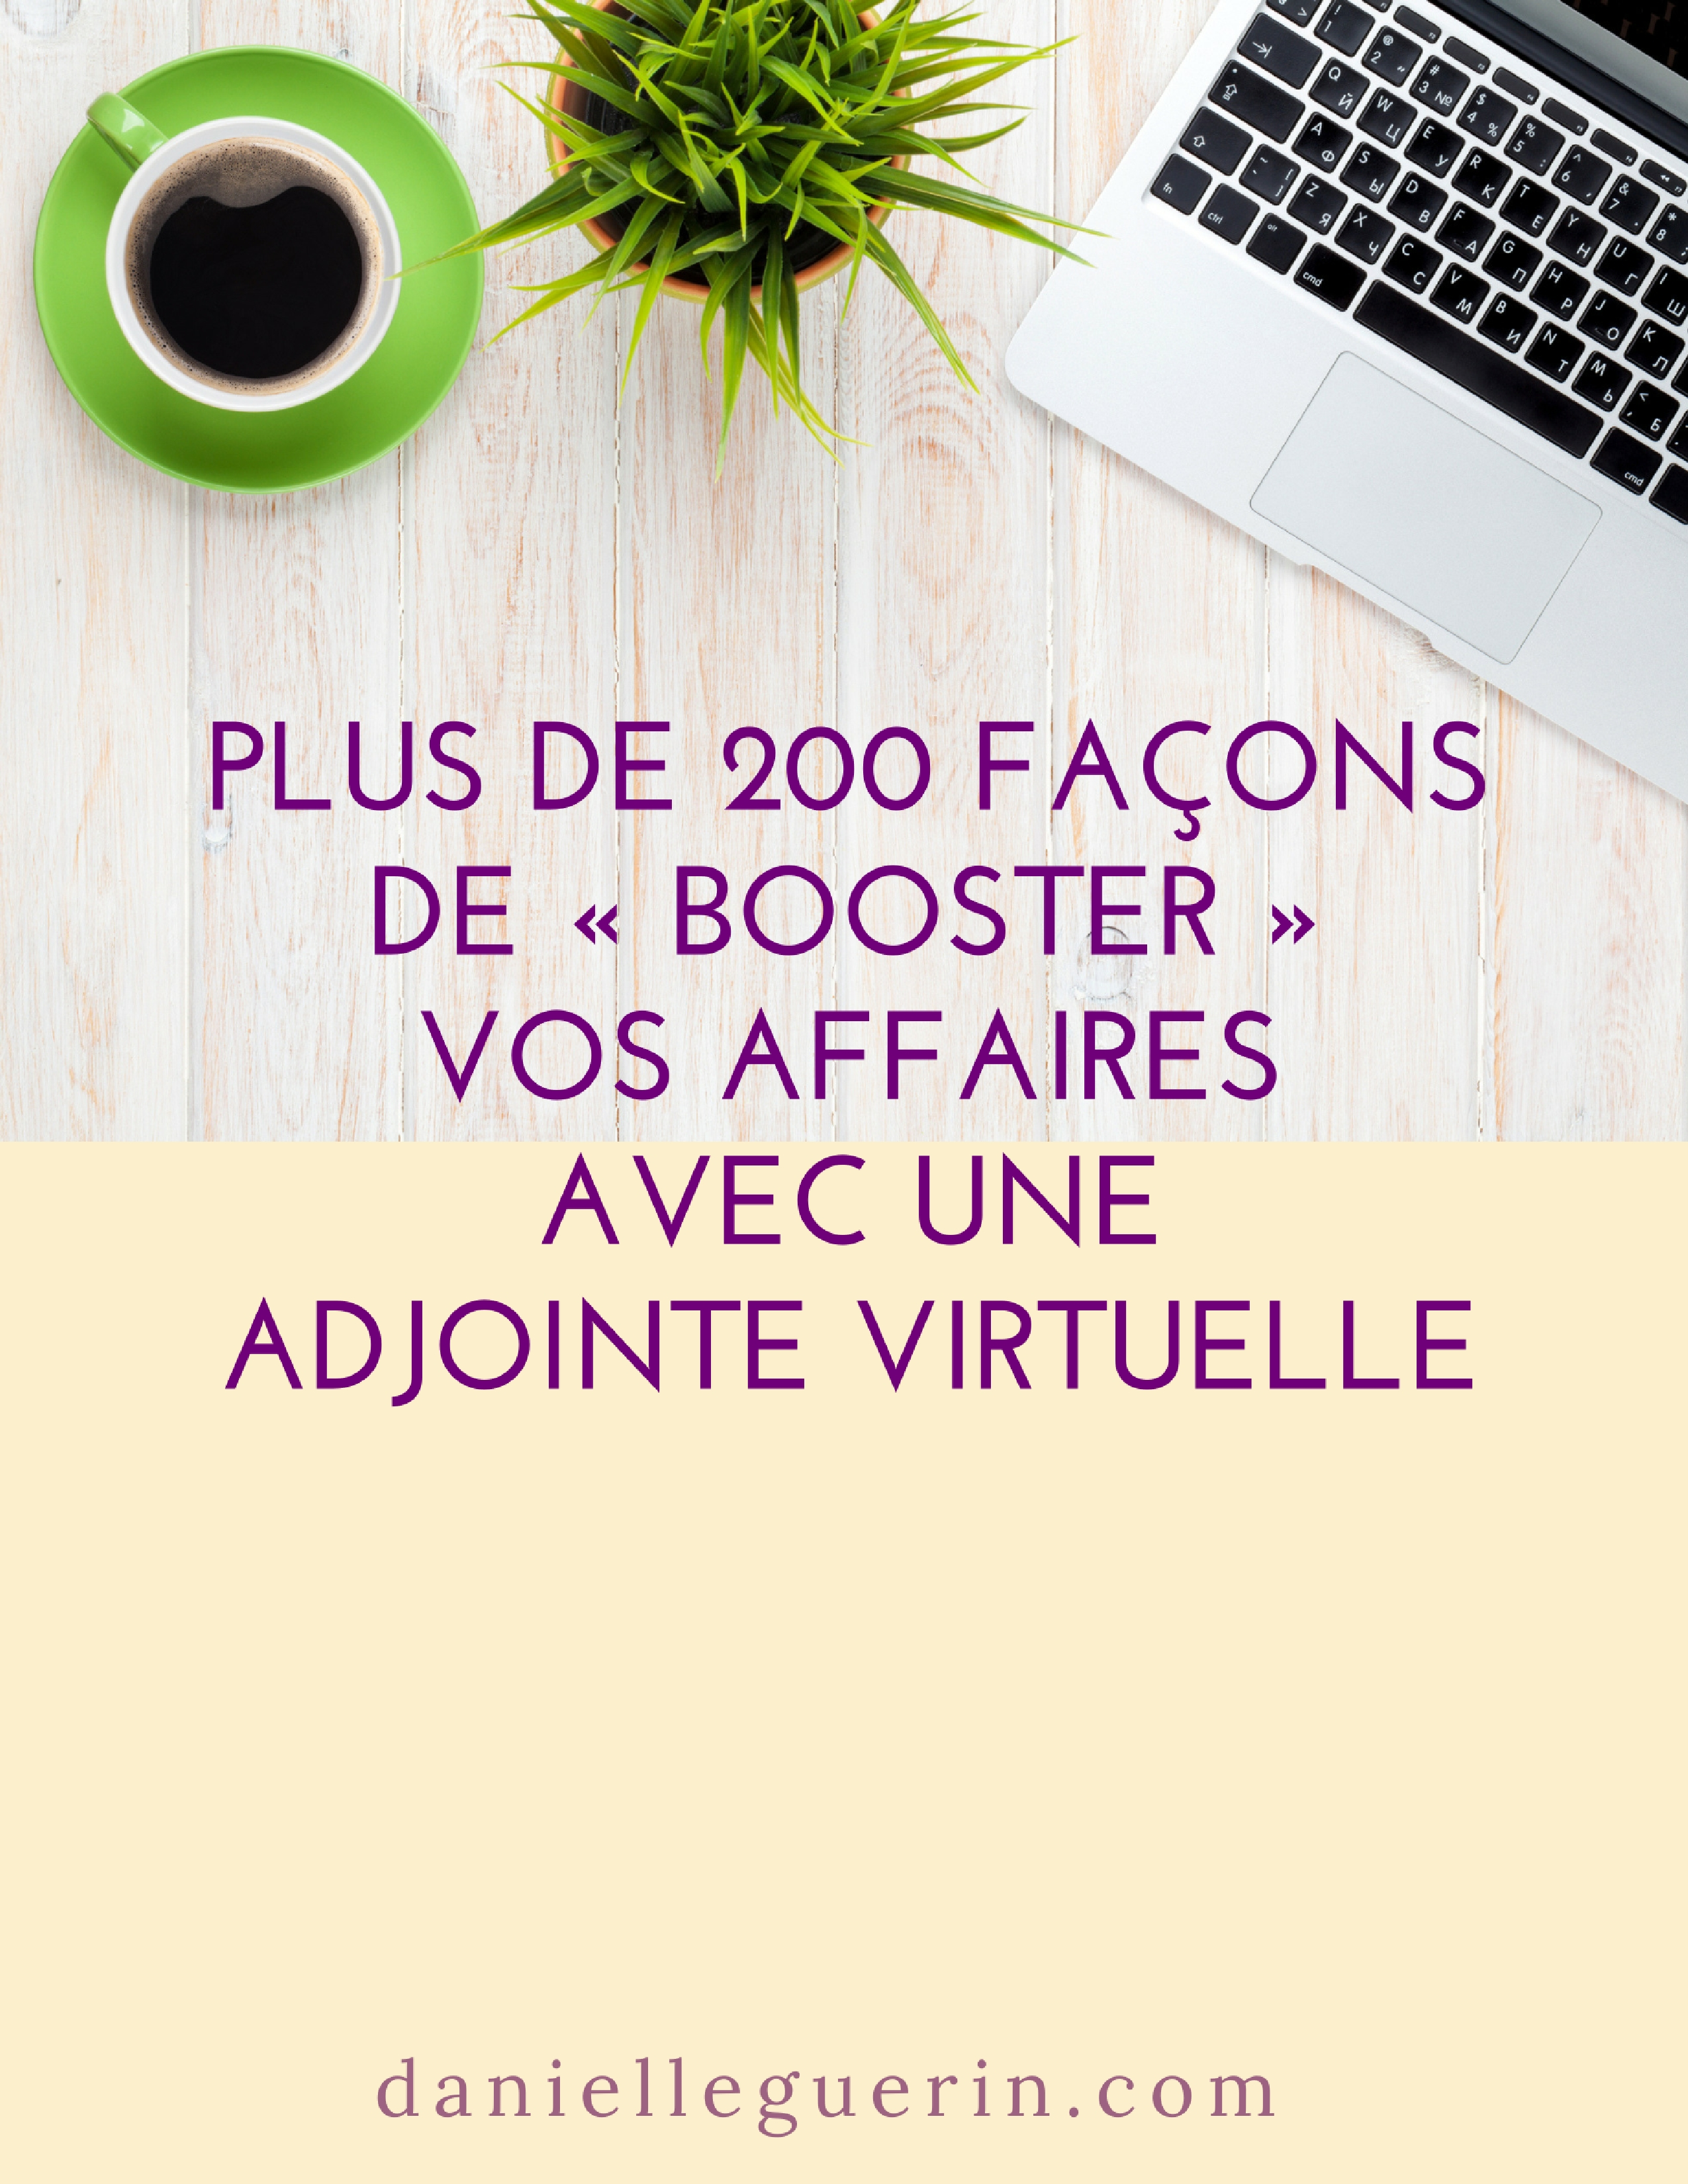 EBOOK GRATUITPlus de 200 façons de « booster » vos affaires avec une adjointe virtuelle.